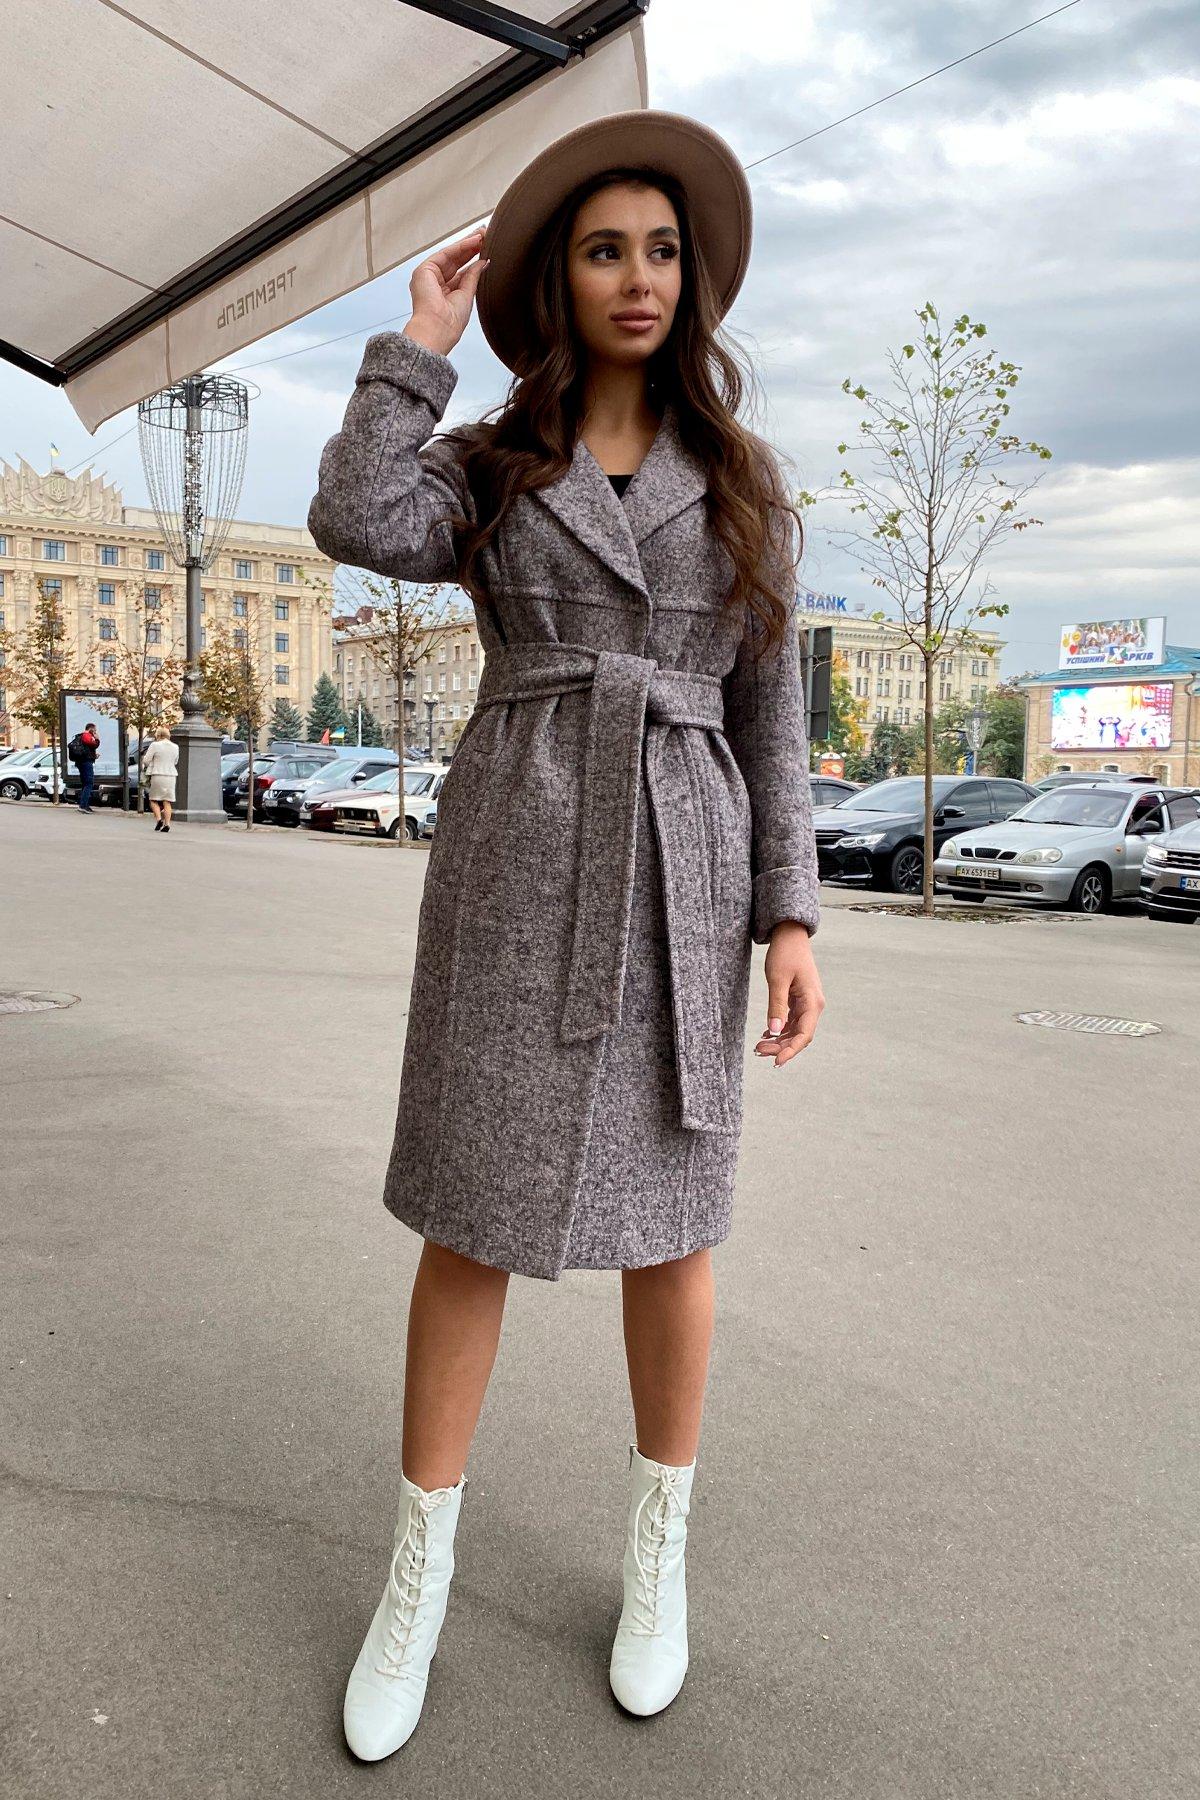 Пальто весна-осень c приспущенной линией плеча Фентези лайт 6365 АРТ. 41230 Цвет: Серо-розовый LW-25 - фото 17, интернет магазин tm-modus.ru